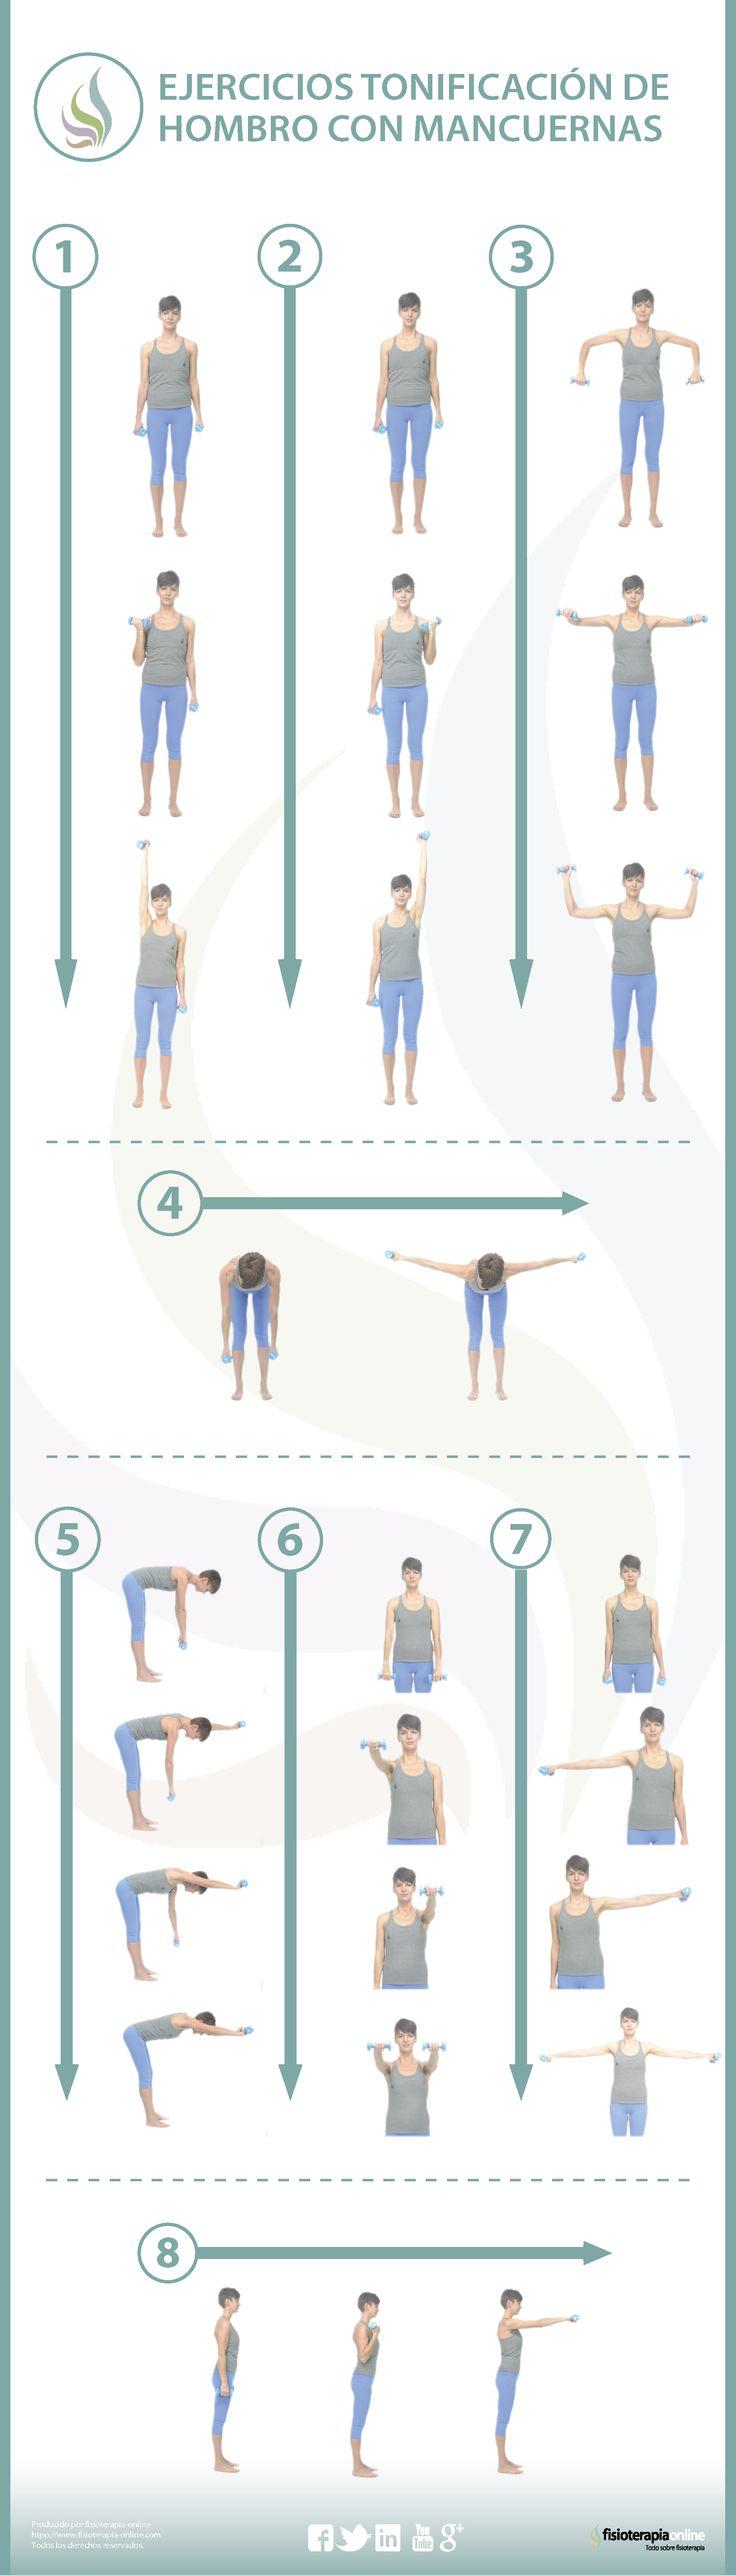 8 ejercicios para tonificar tus hombros con mancuernas #entradaencalorpilates #pilatesparabrazos